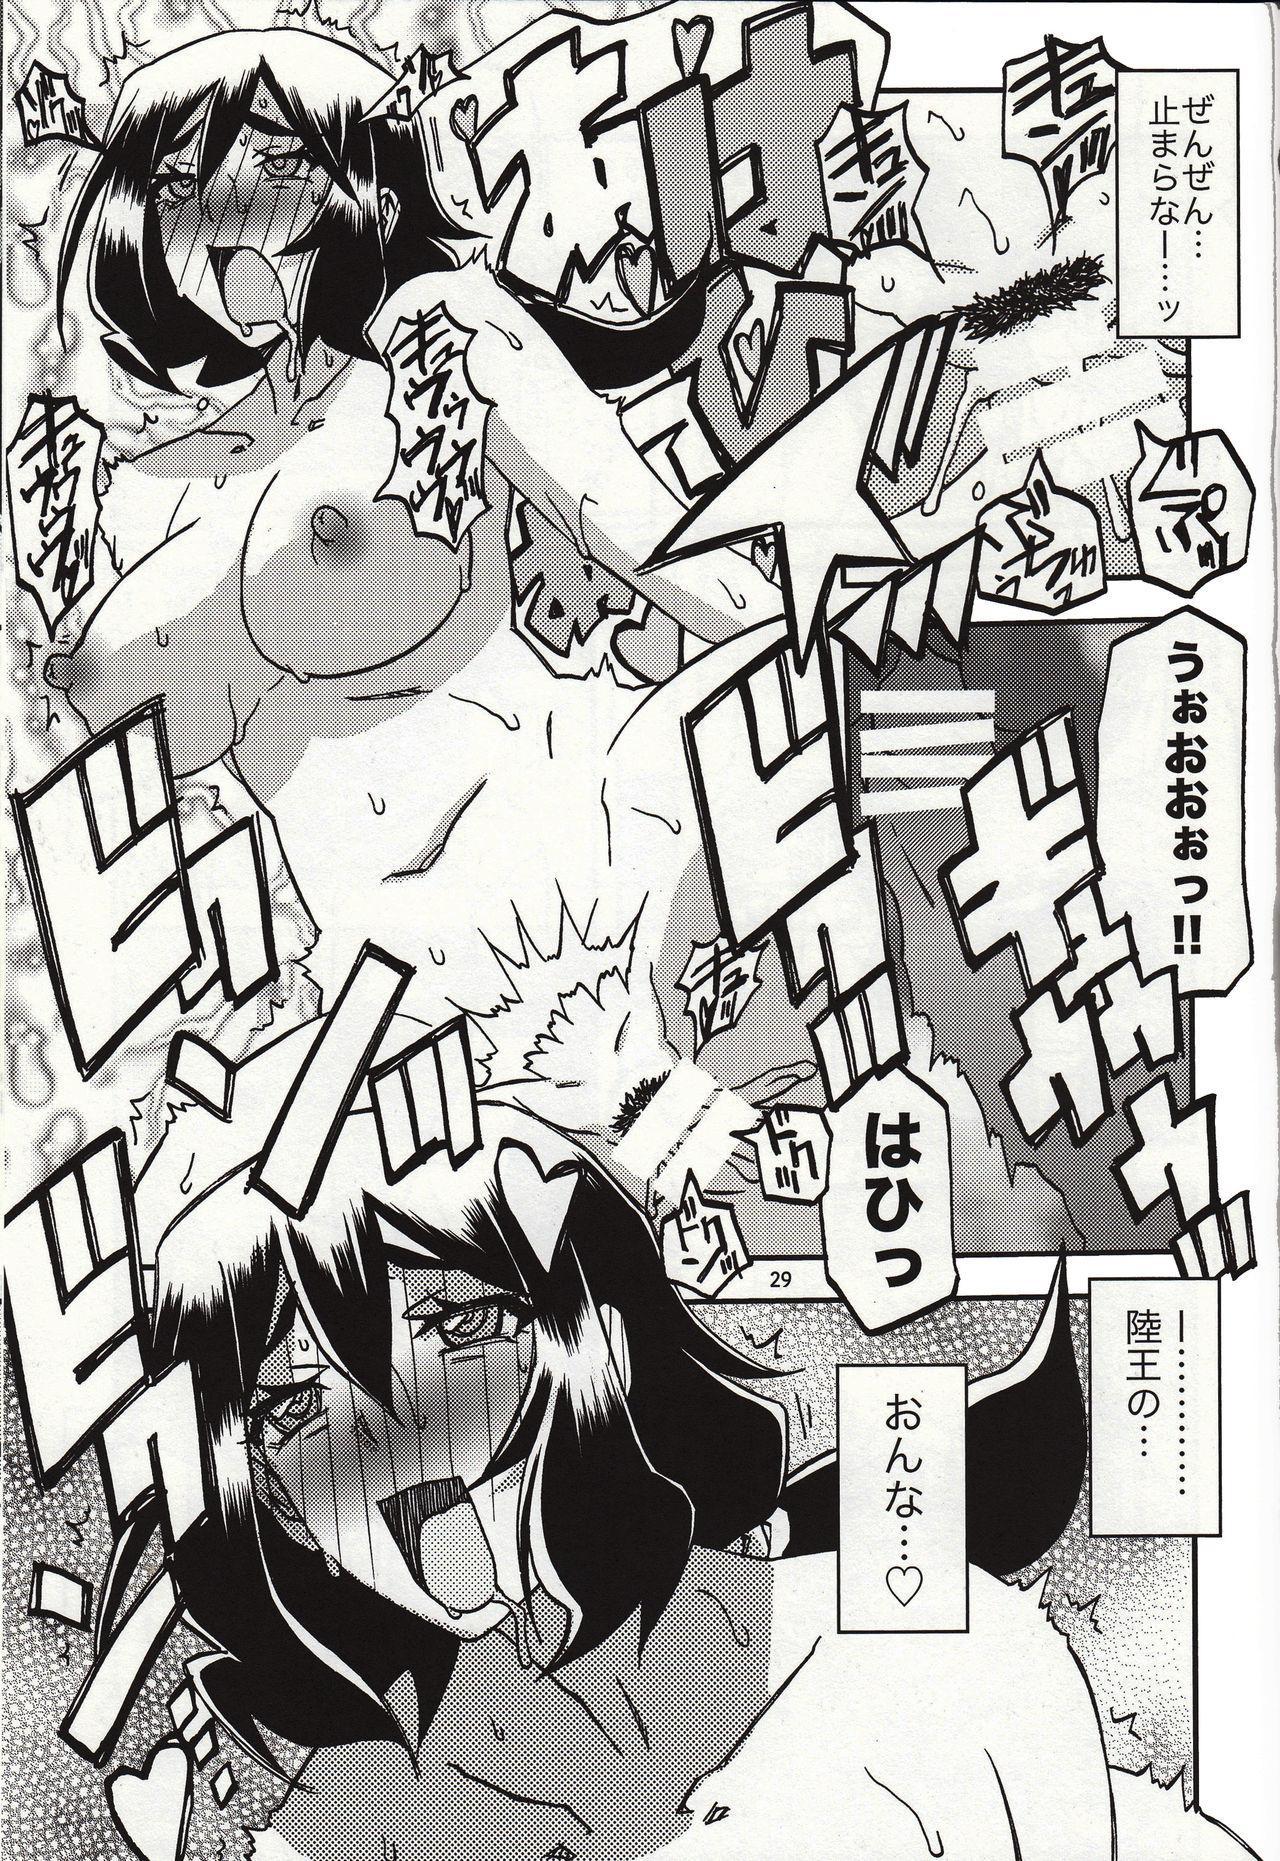 Akebi no Mi - Chizuru katei 27